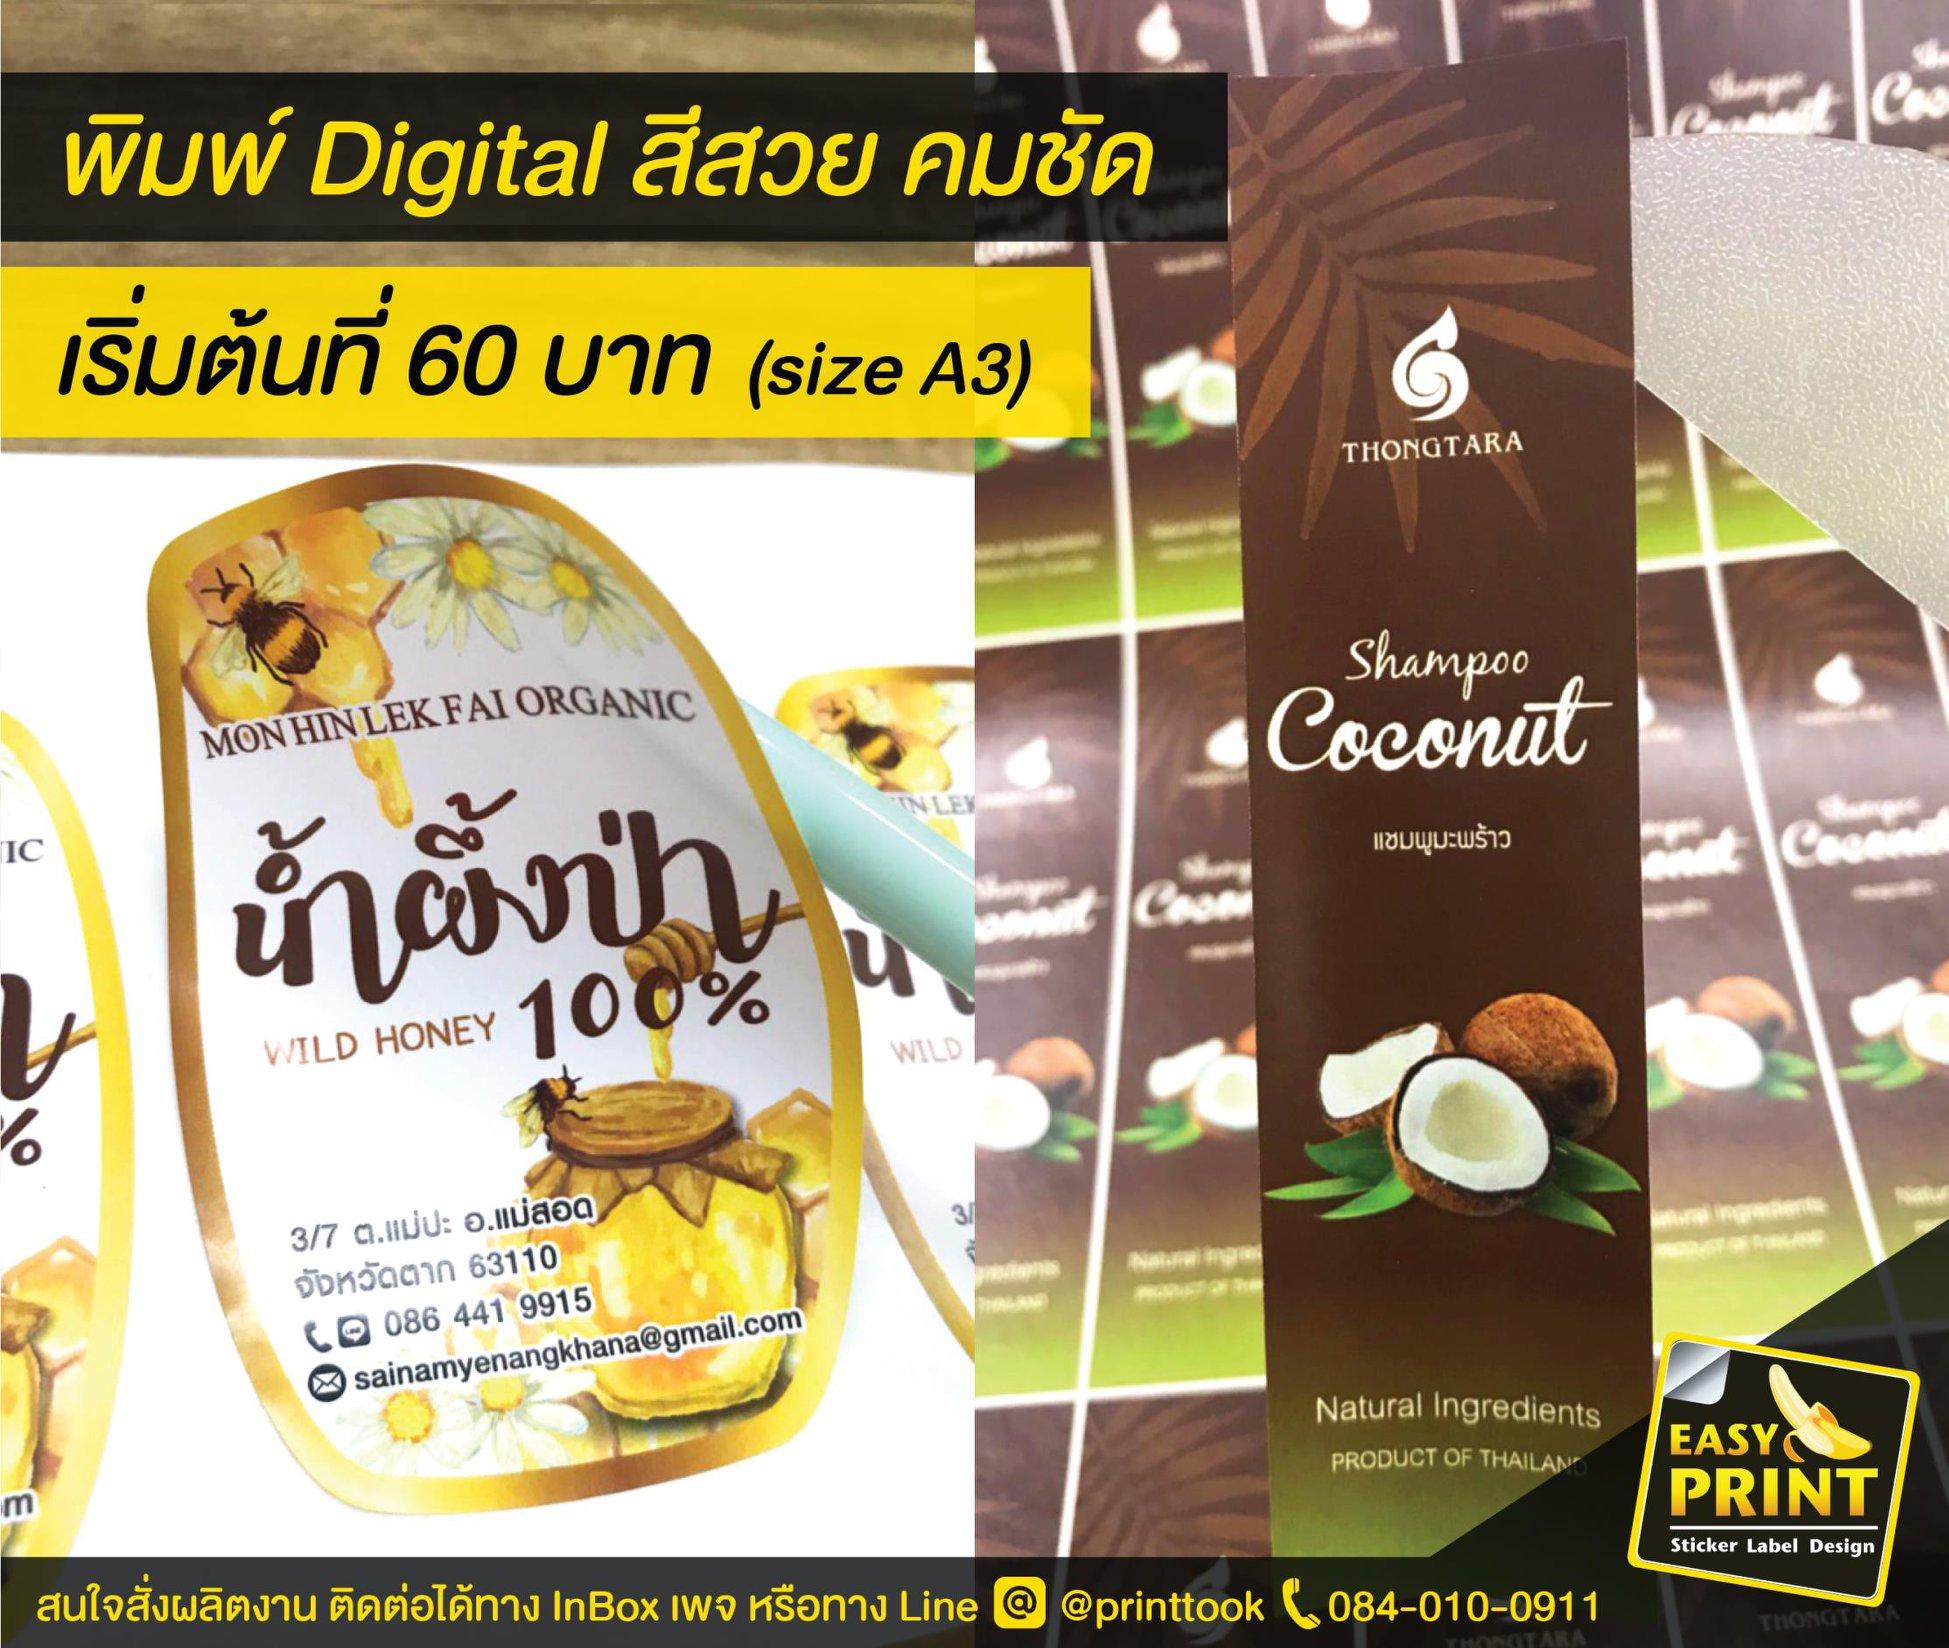 พิมพ์ Digital ให้น้ำผึ้งป่า